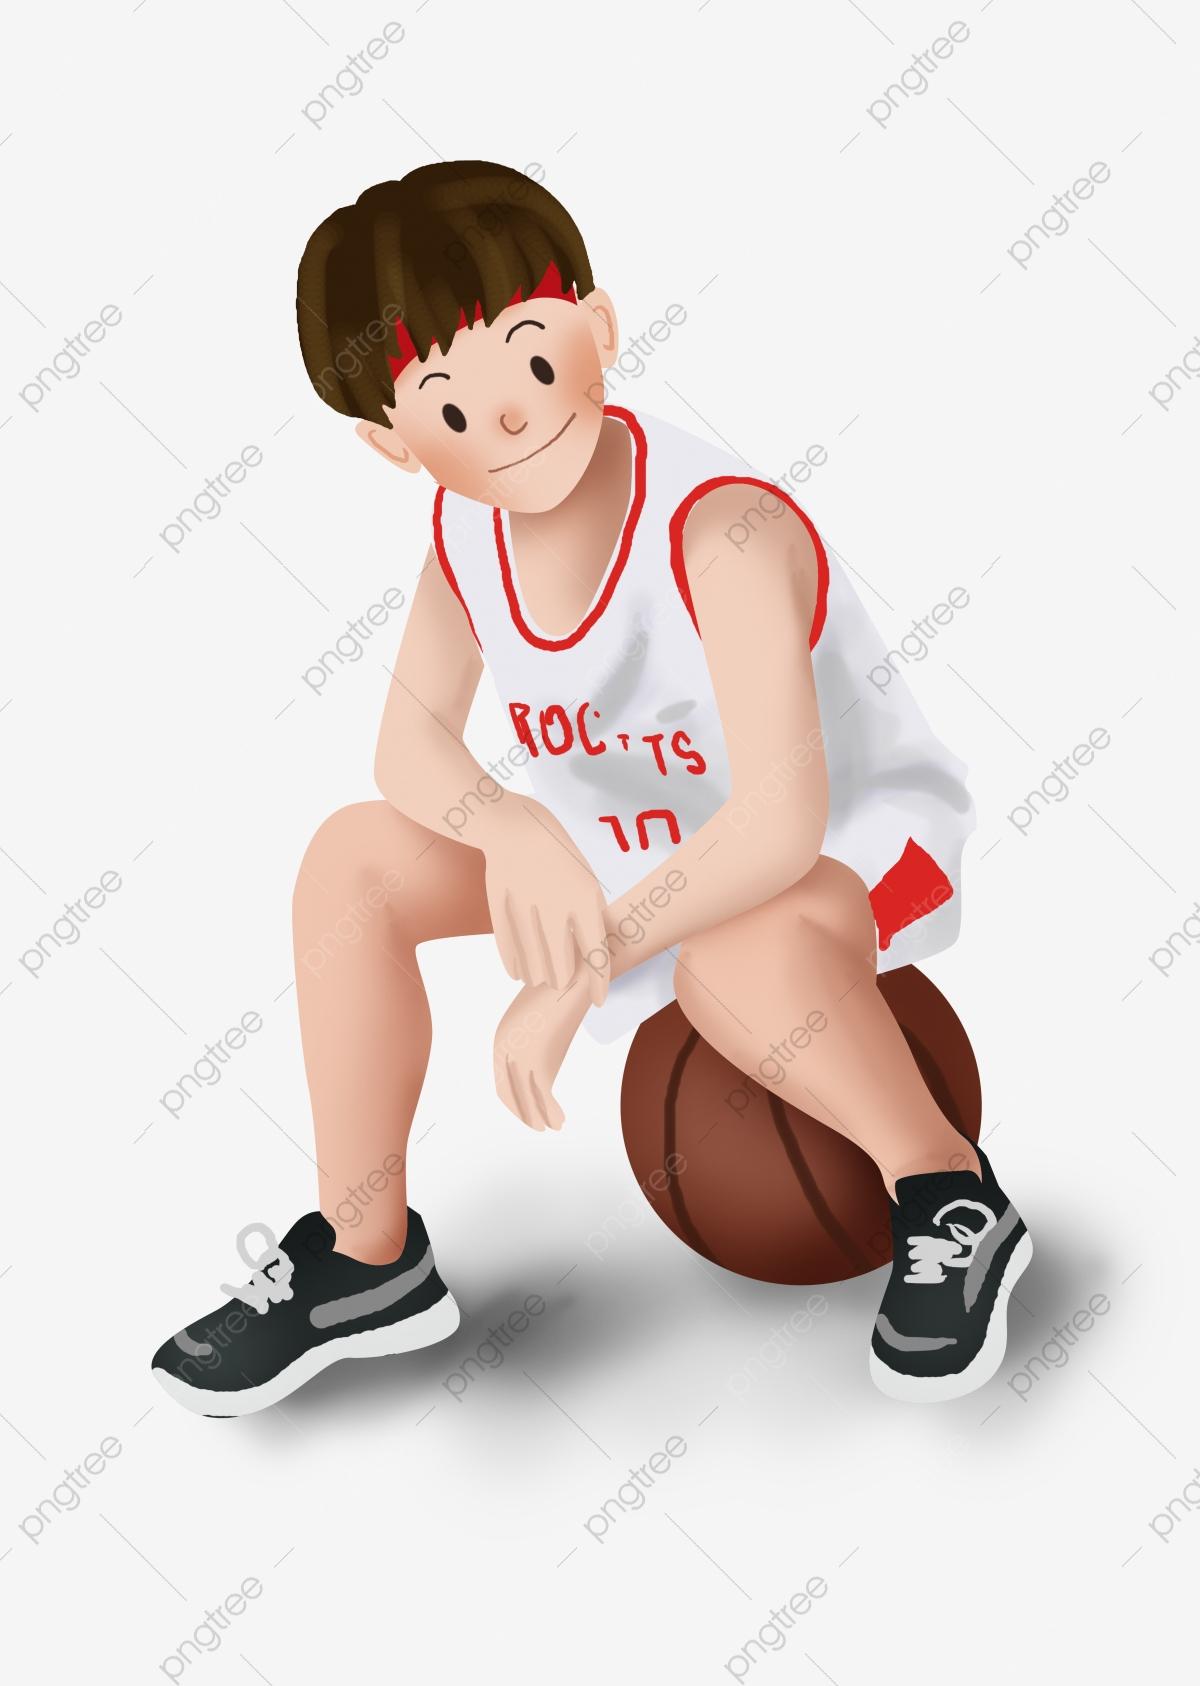 Motion Garçon Étudiant Jeux, Basket Ball, Match De Basket à Jeux Gratuit Garcon